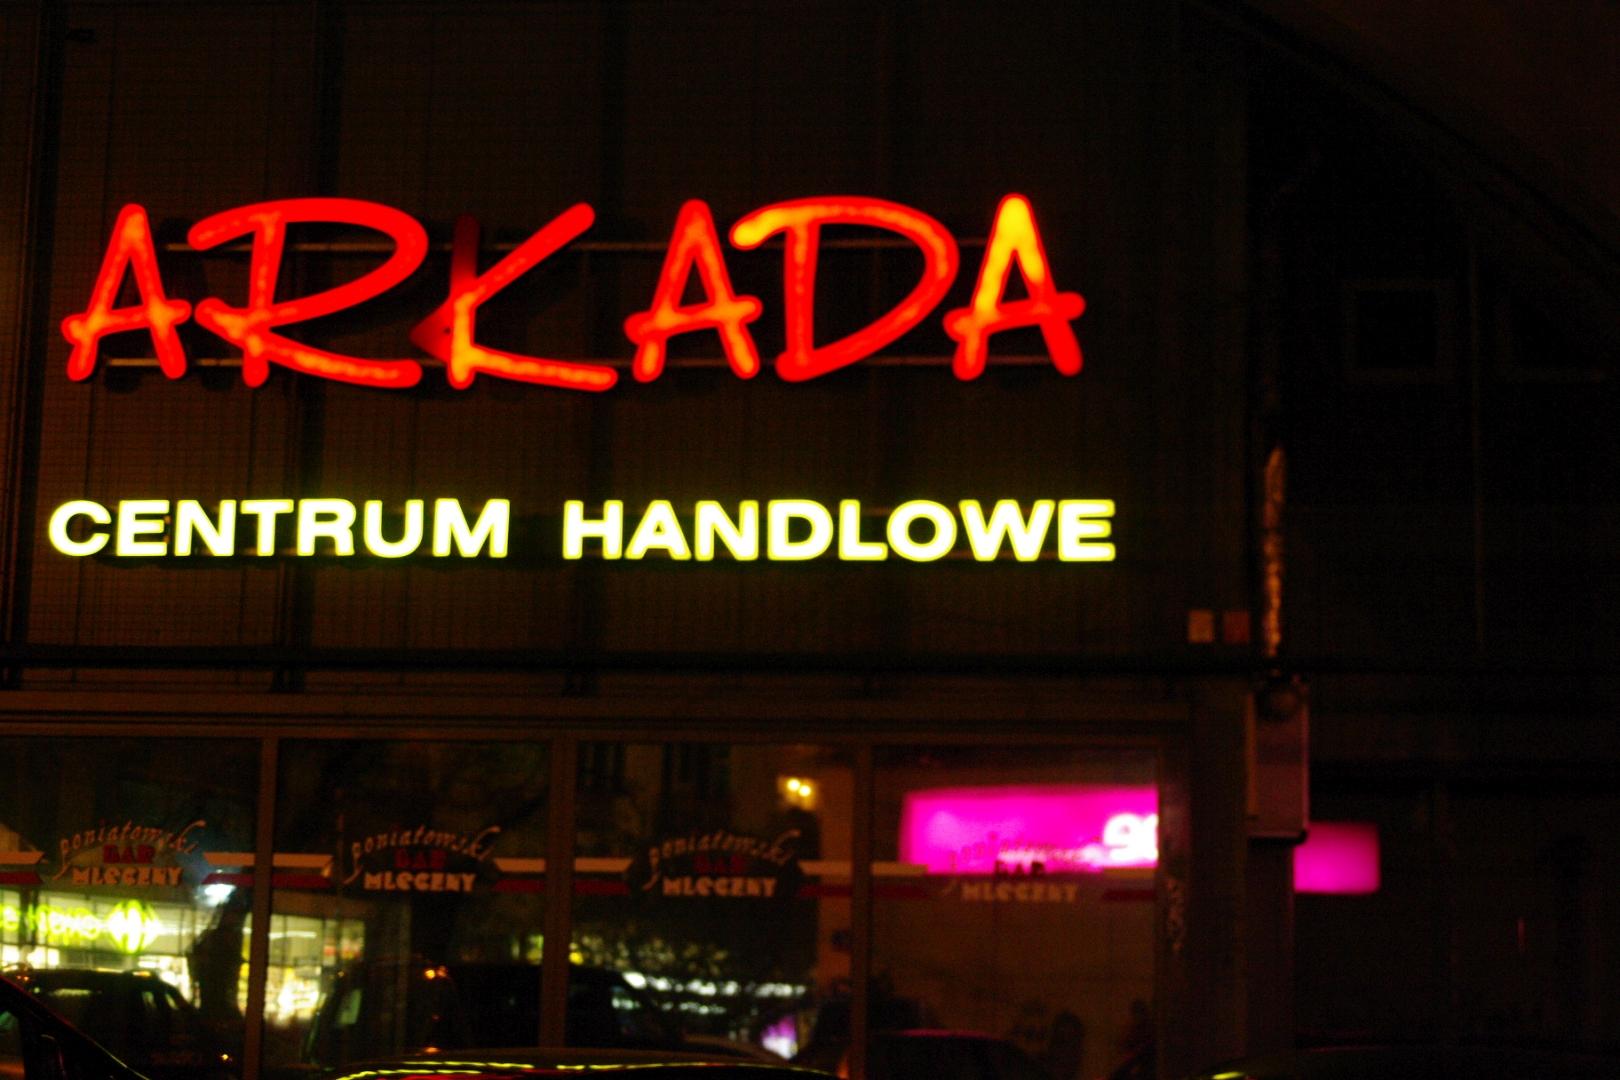 Centrum Handlowe Arkada